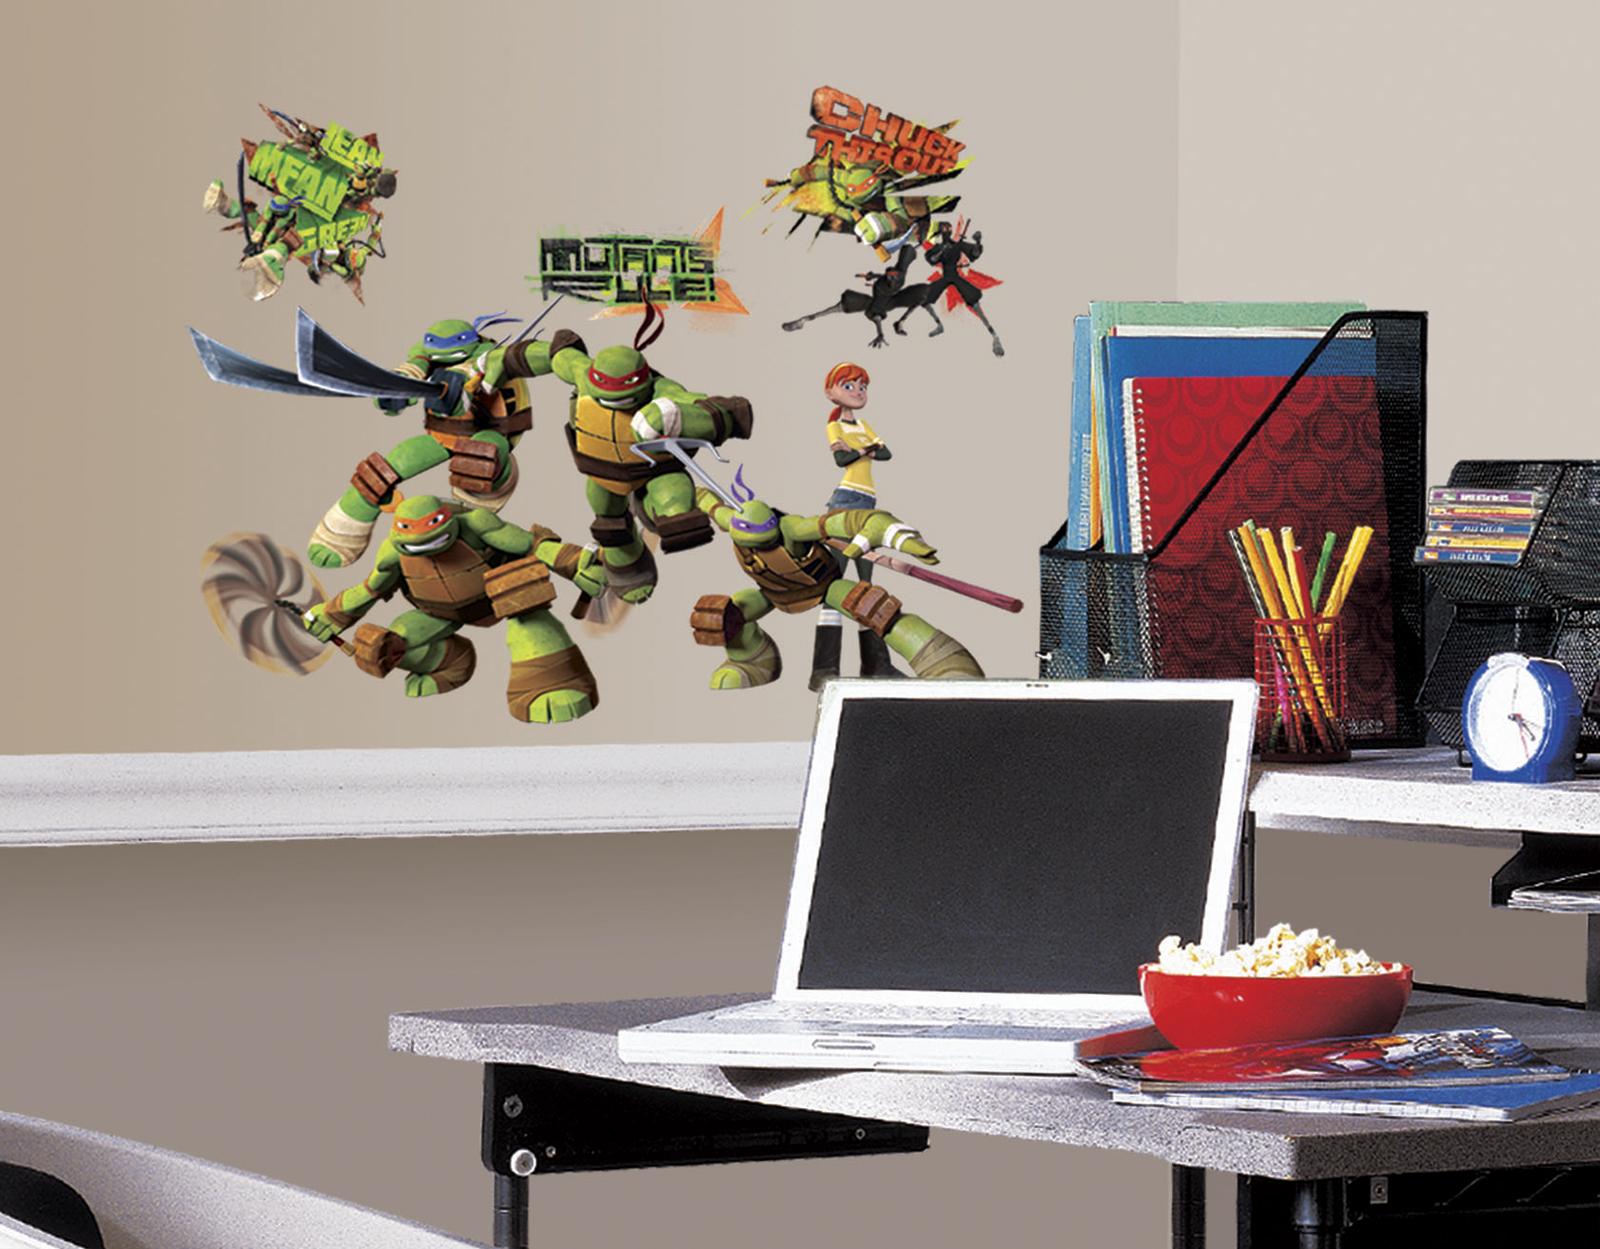 RoomMates Teenage Mutant Ninja Turtles Peel & Stick Wall Decals